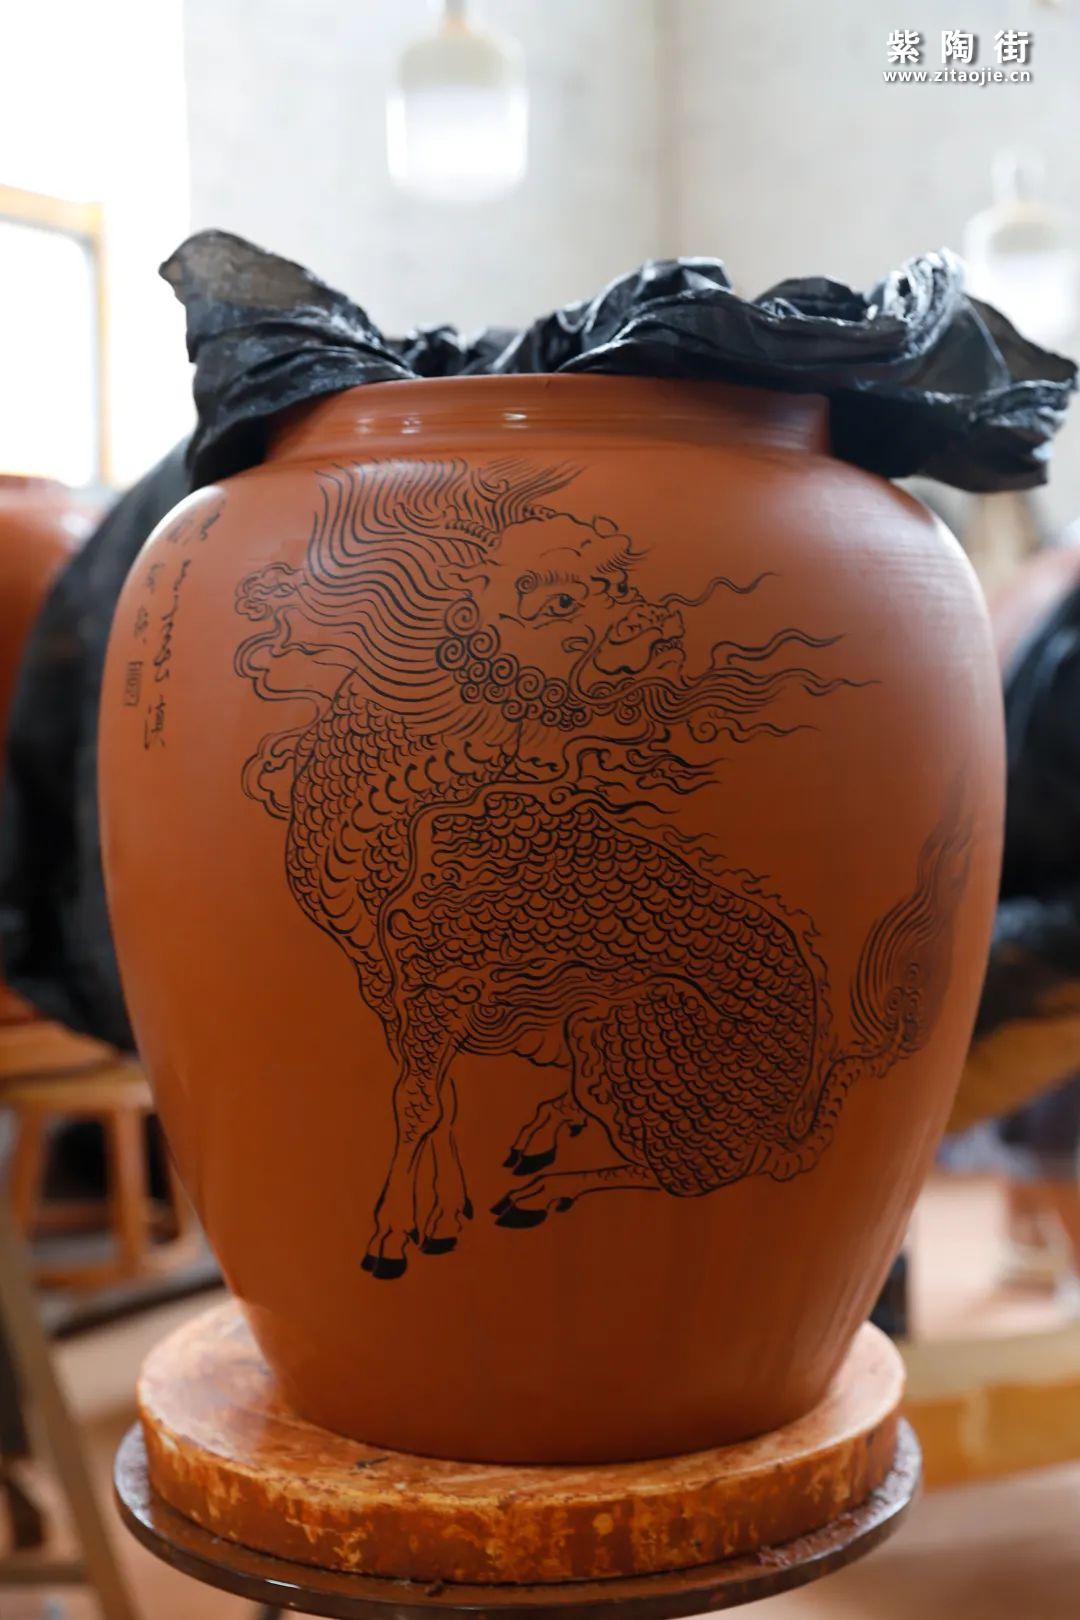 职称高的匠人做出来的紫陶壶就贵吗?插图5